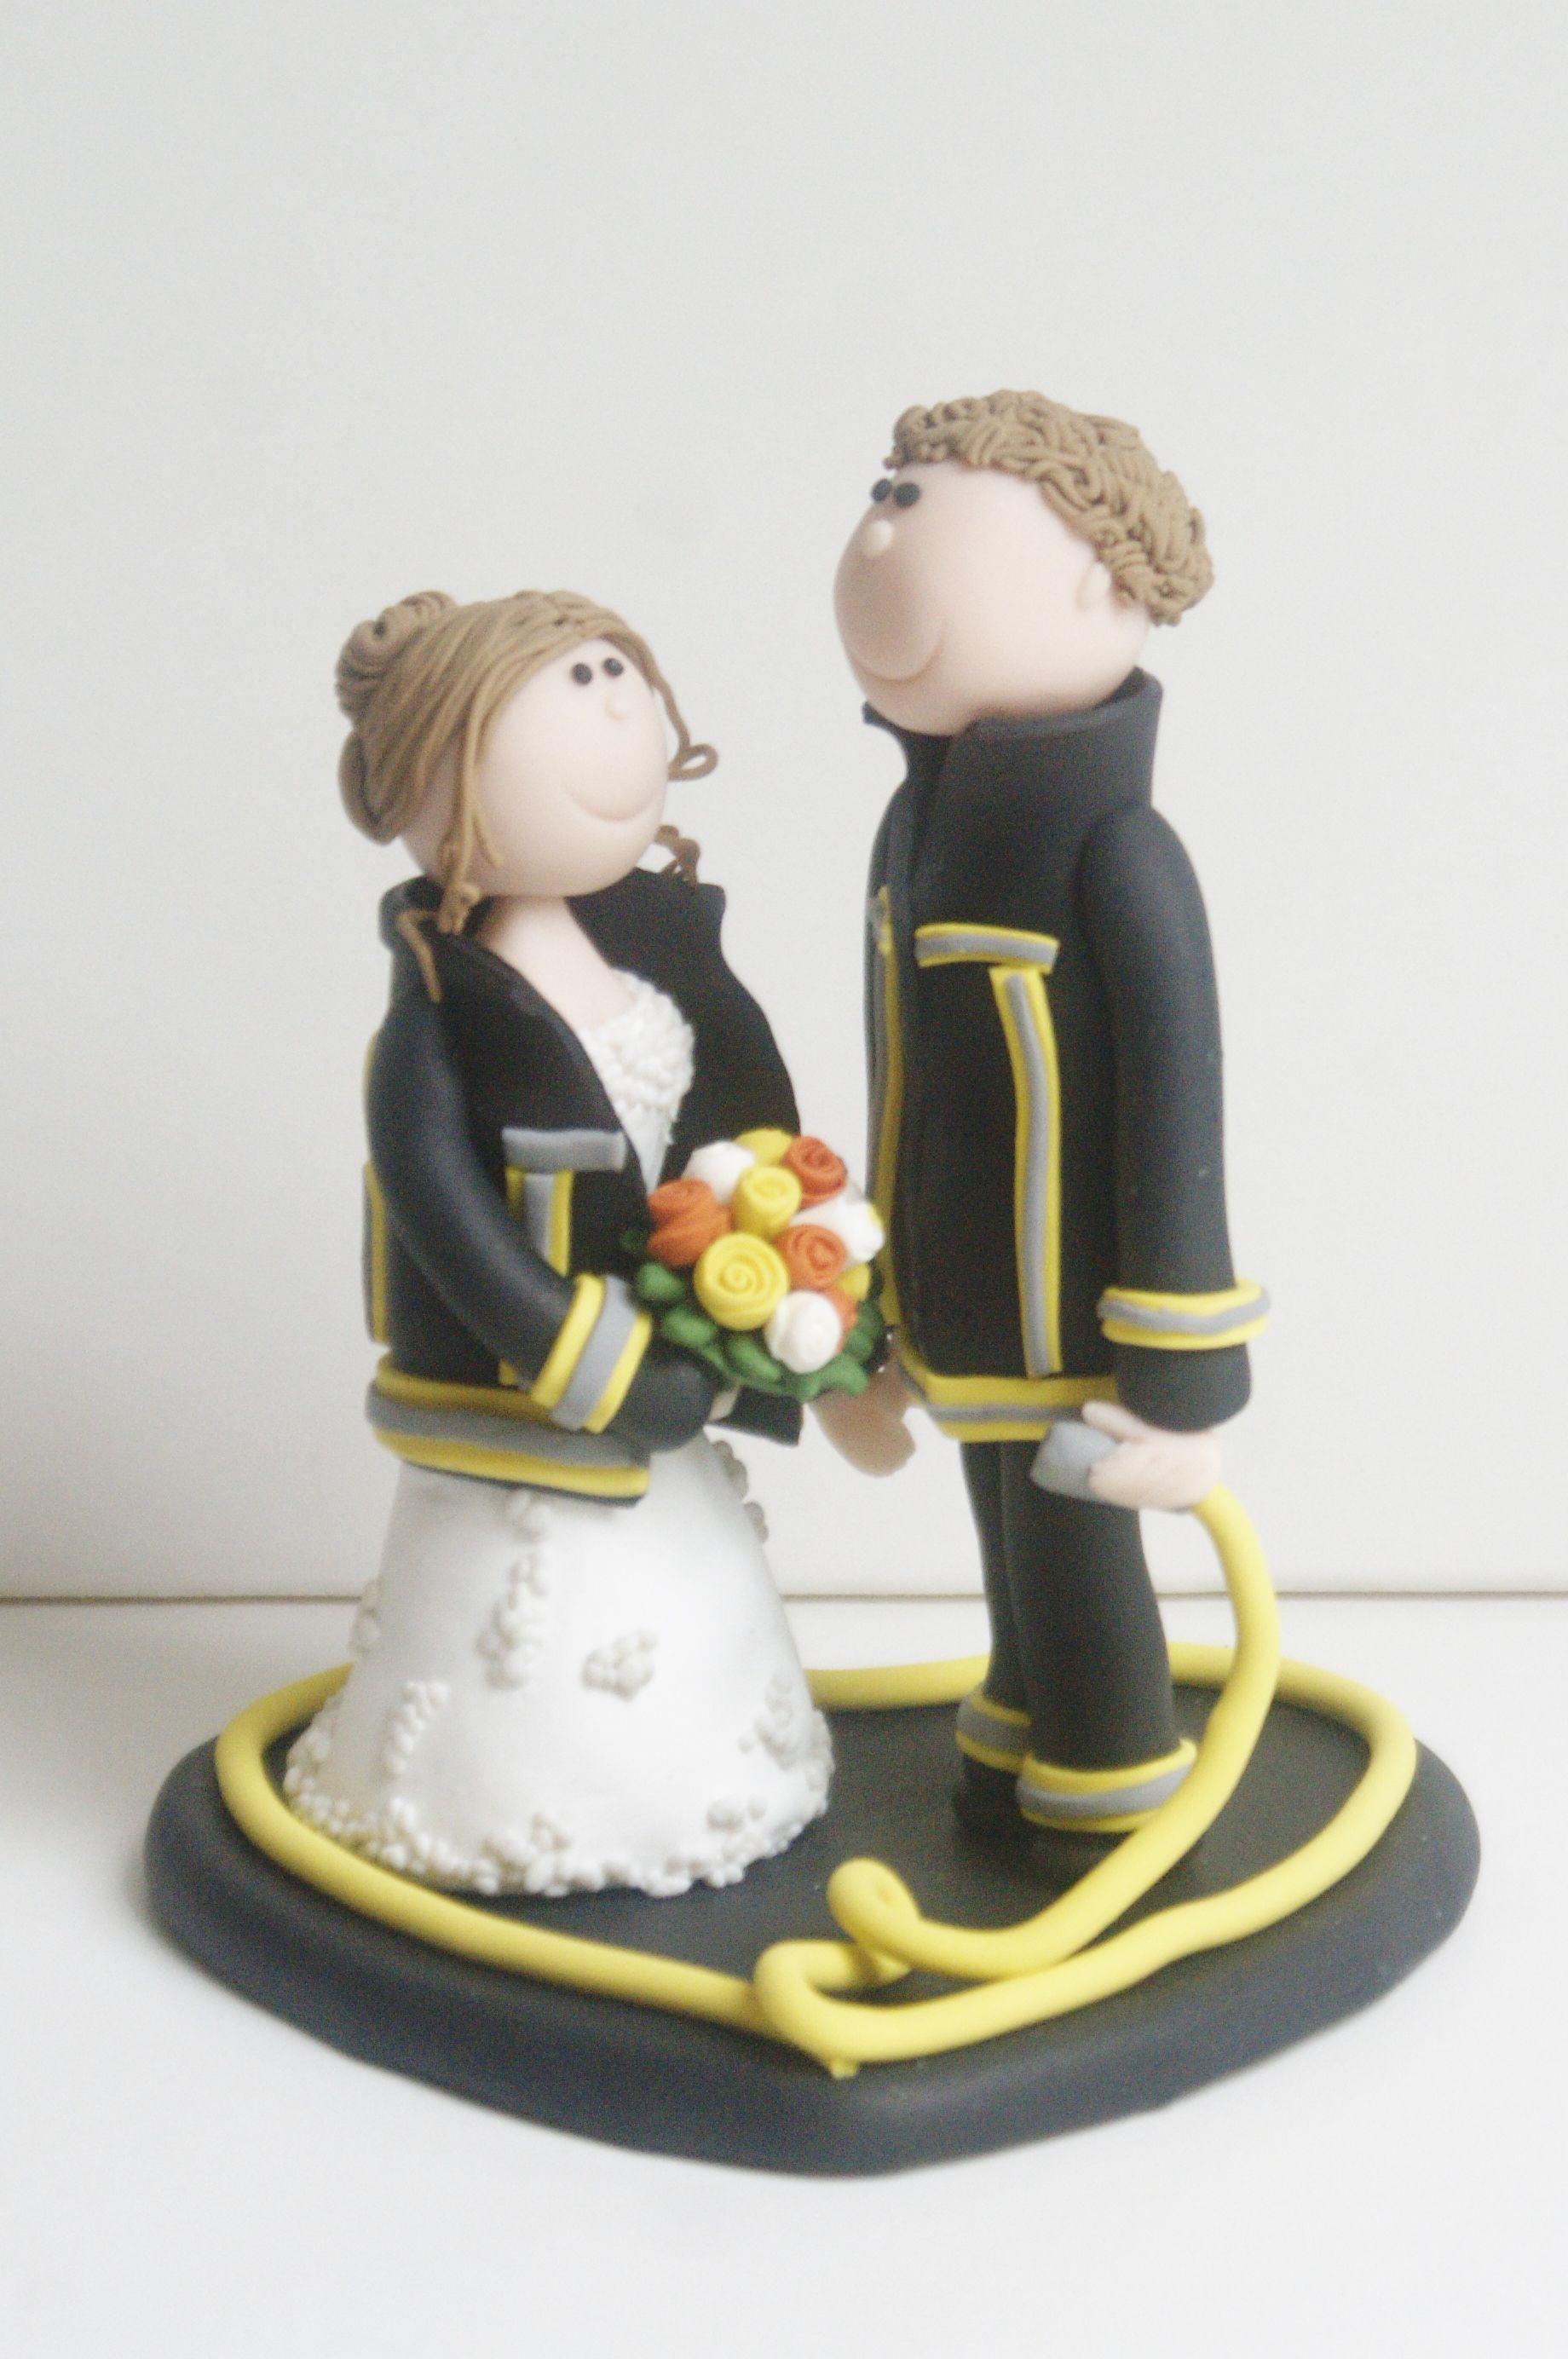 Zu Eurer Hochzeit Wunschen Ich Euch Alles Gluck Der Welt Mogen Alle